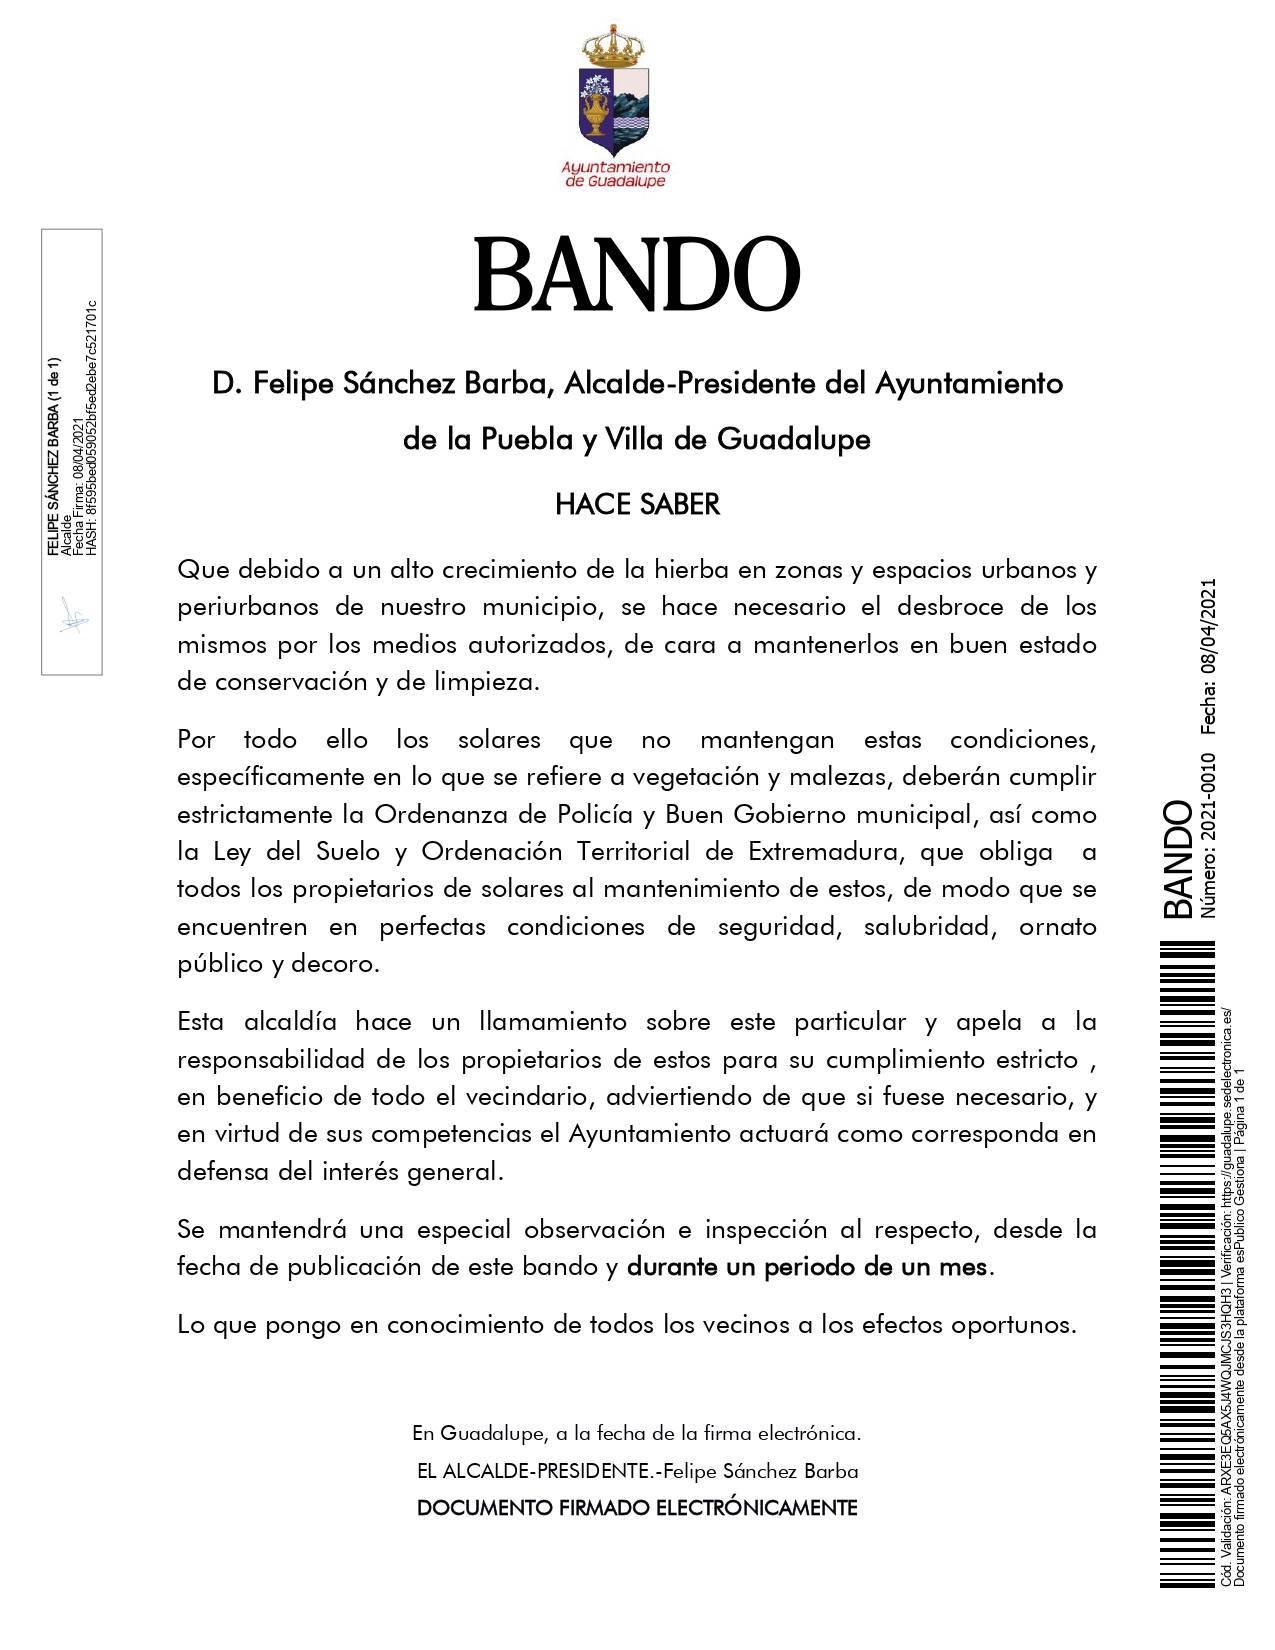 Desbroce de solares (2021) - Guadalupe (Cáceres)